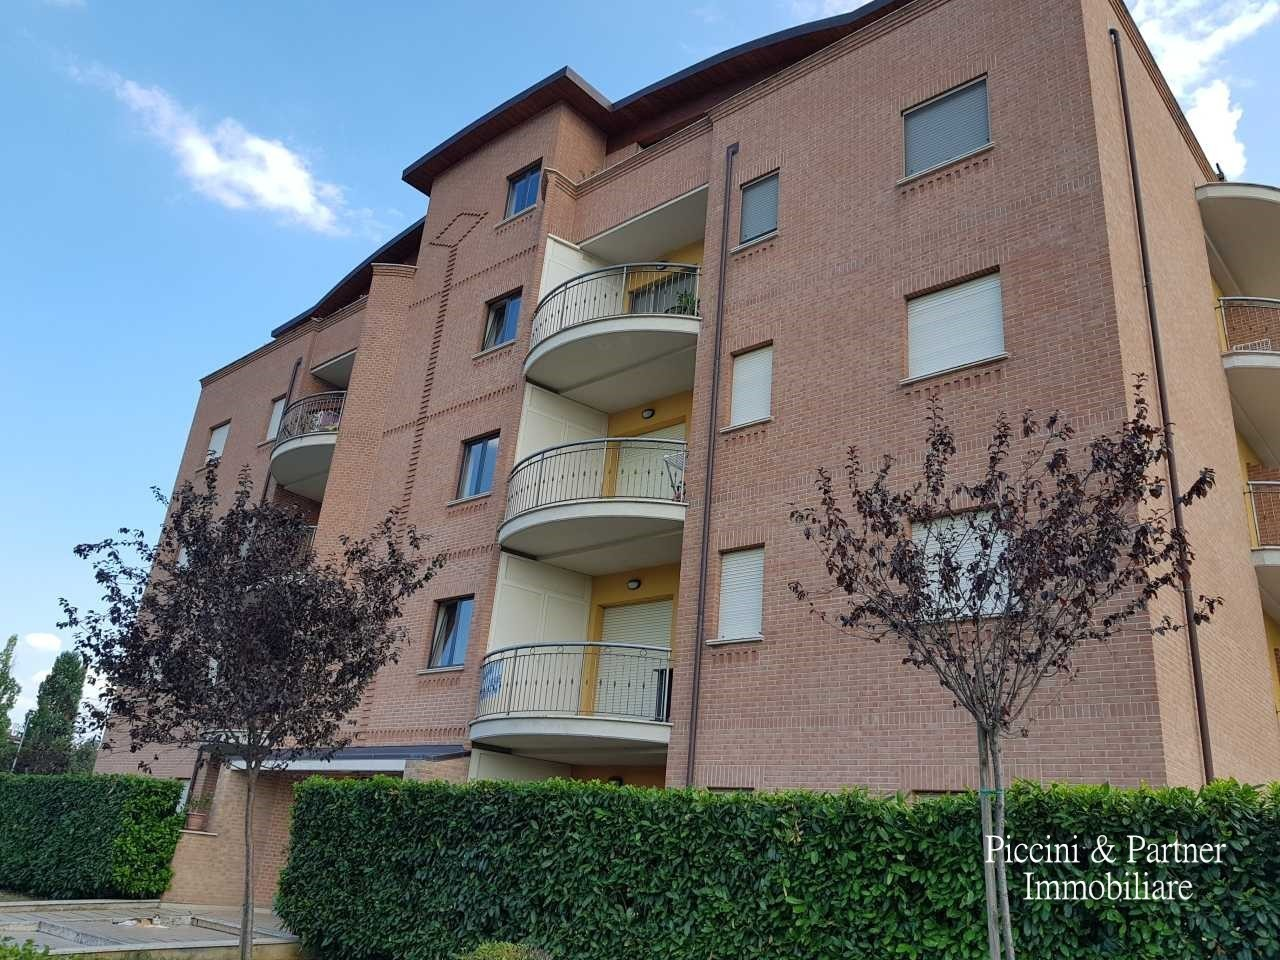 Appartamento in vendita a Corciano, 5 locali, prezzo € 164.000 | PortaleAgenzieImmobiliari.it